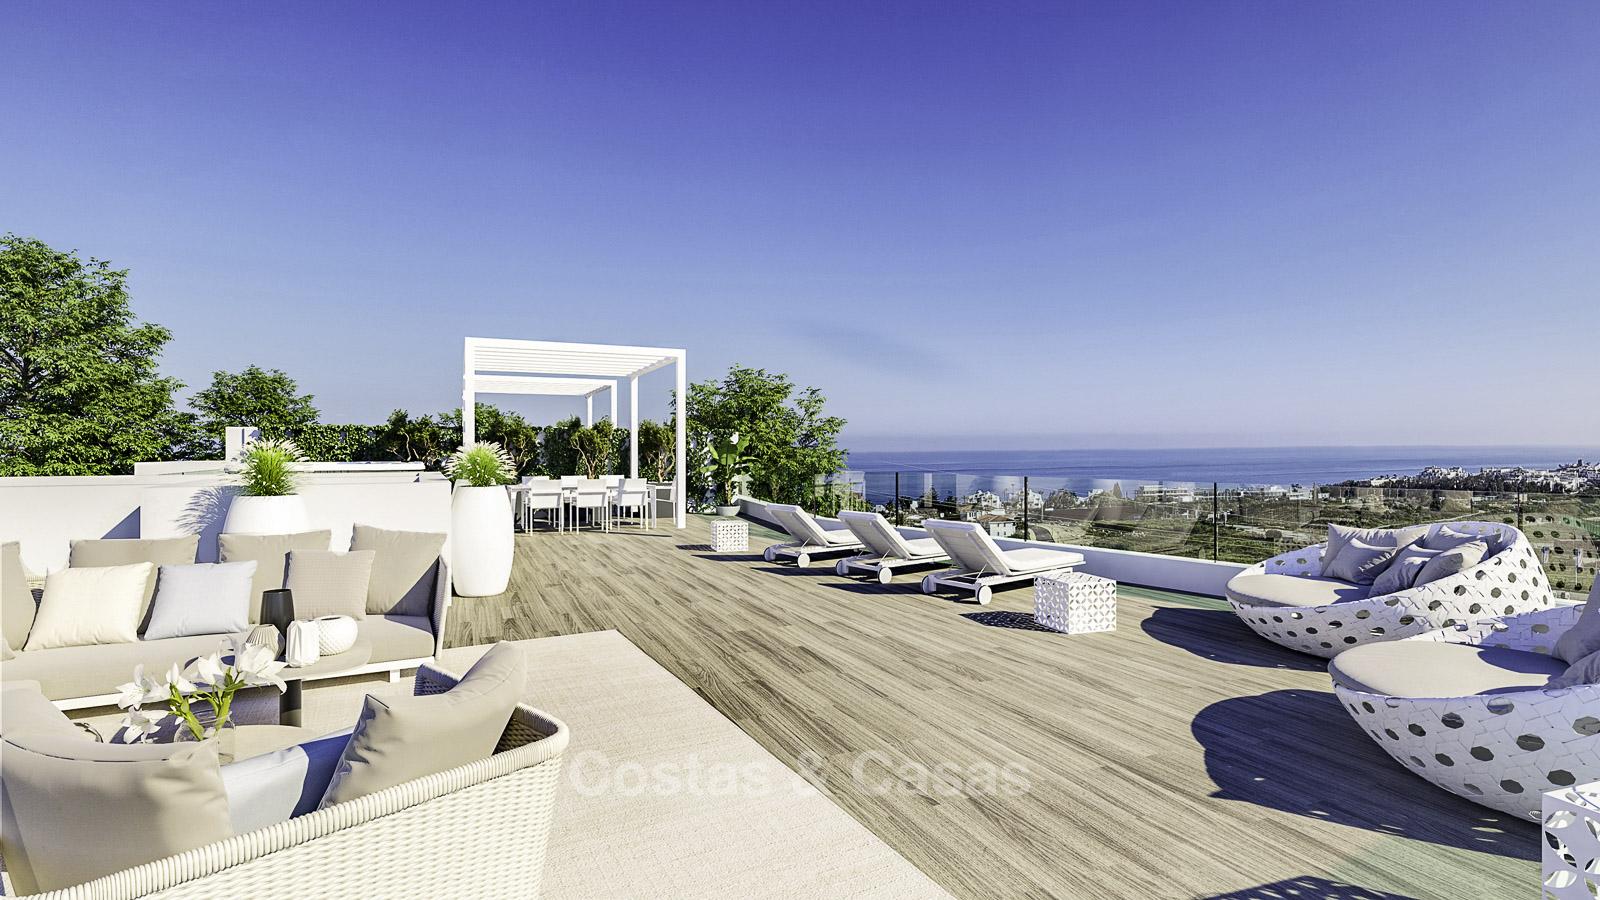 Elegantes Y Modernos Apartamentos Y áticos Con Impresionantes Vistas Al Mar En Venta A Poca Distancia De La Playa En Estepona